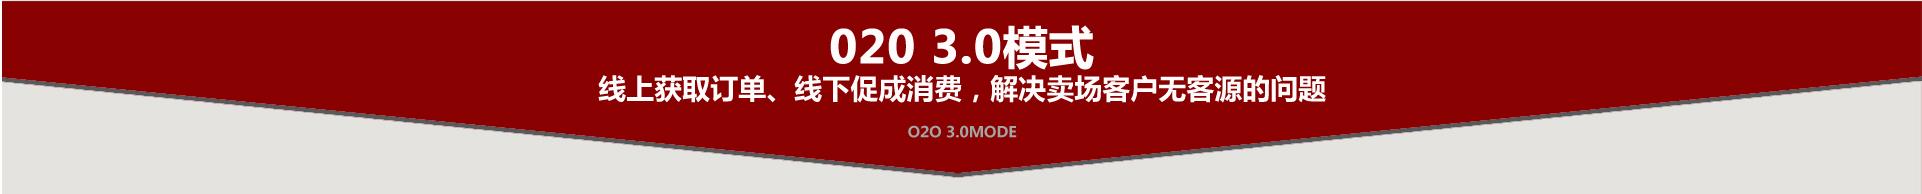 亚博app地址亚博体育苹果官方下载020模式线上获取订单,线下成交解决客户卖场无客源问题